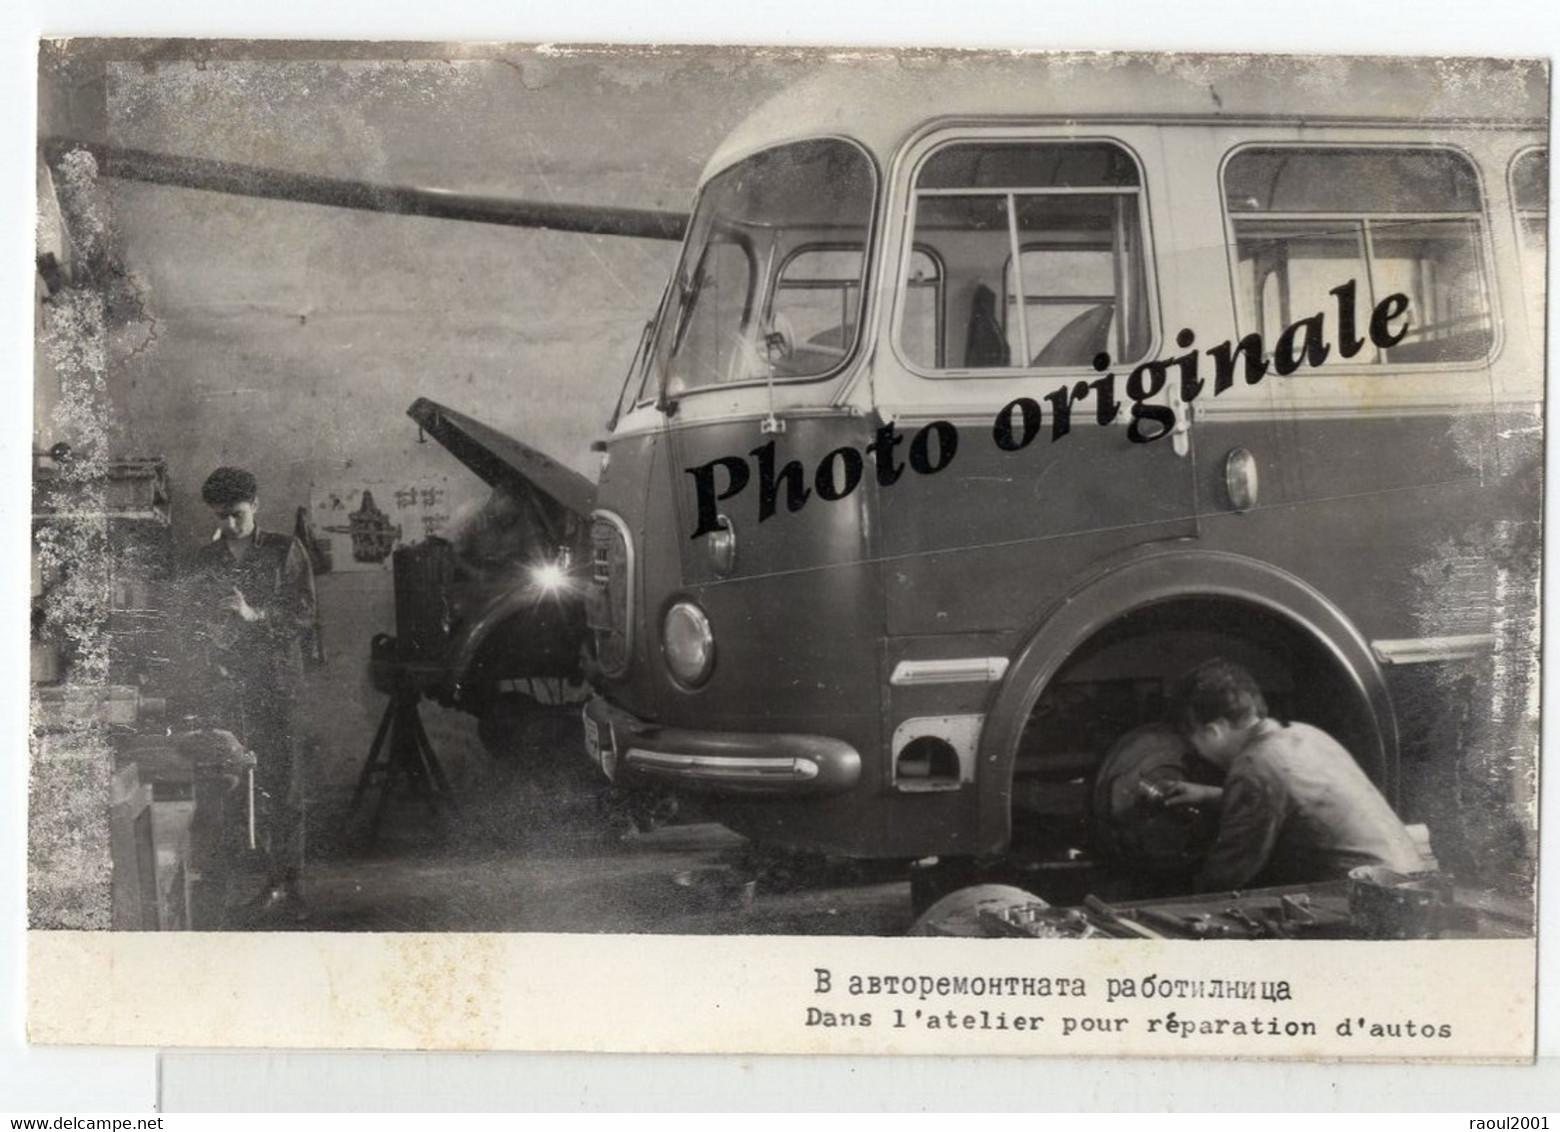 Photo Auto Voiture Automobile Car - Bus Car Autocar à Identifier - Atelier De Réparation Garage Mécaniciens - Automobile